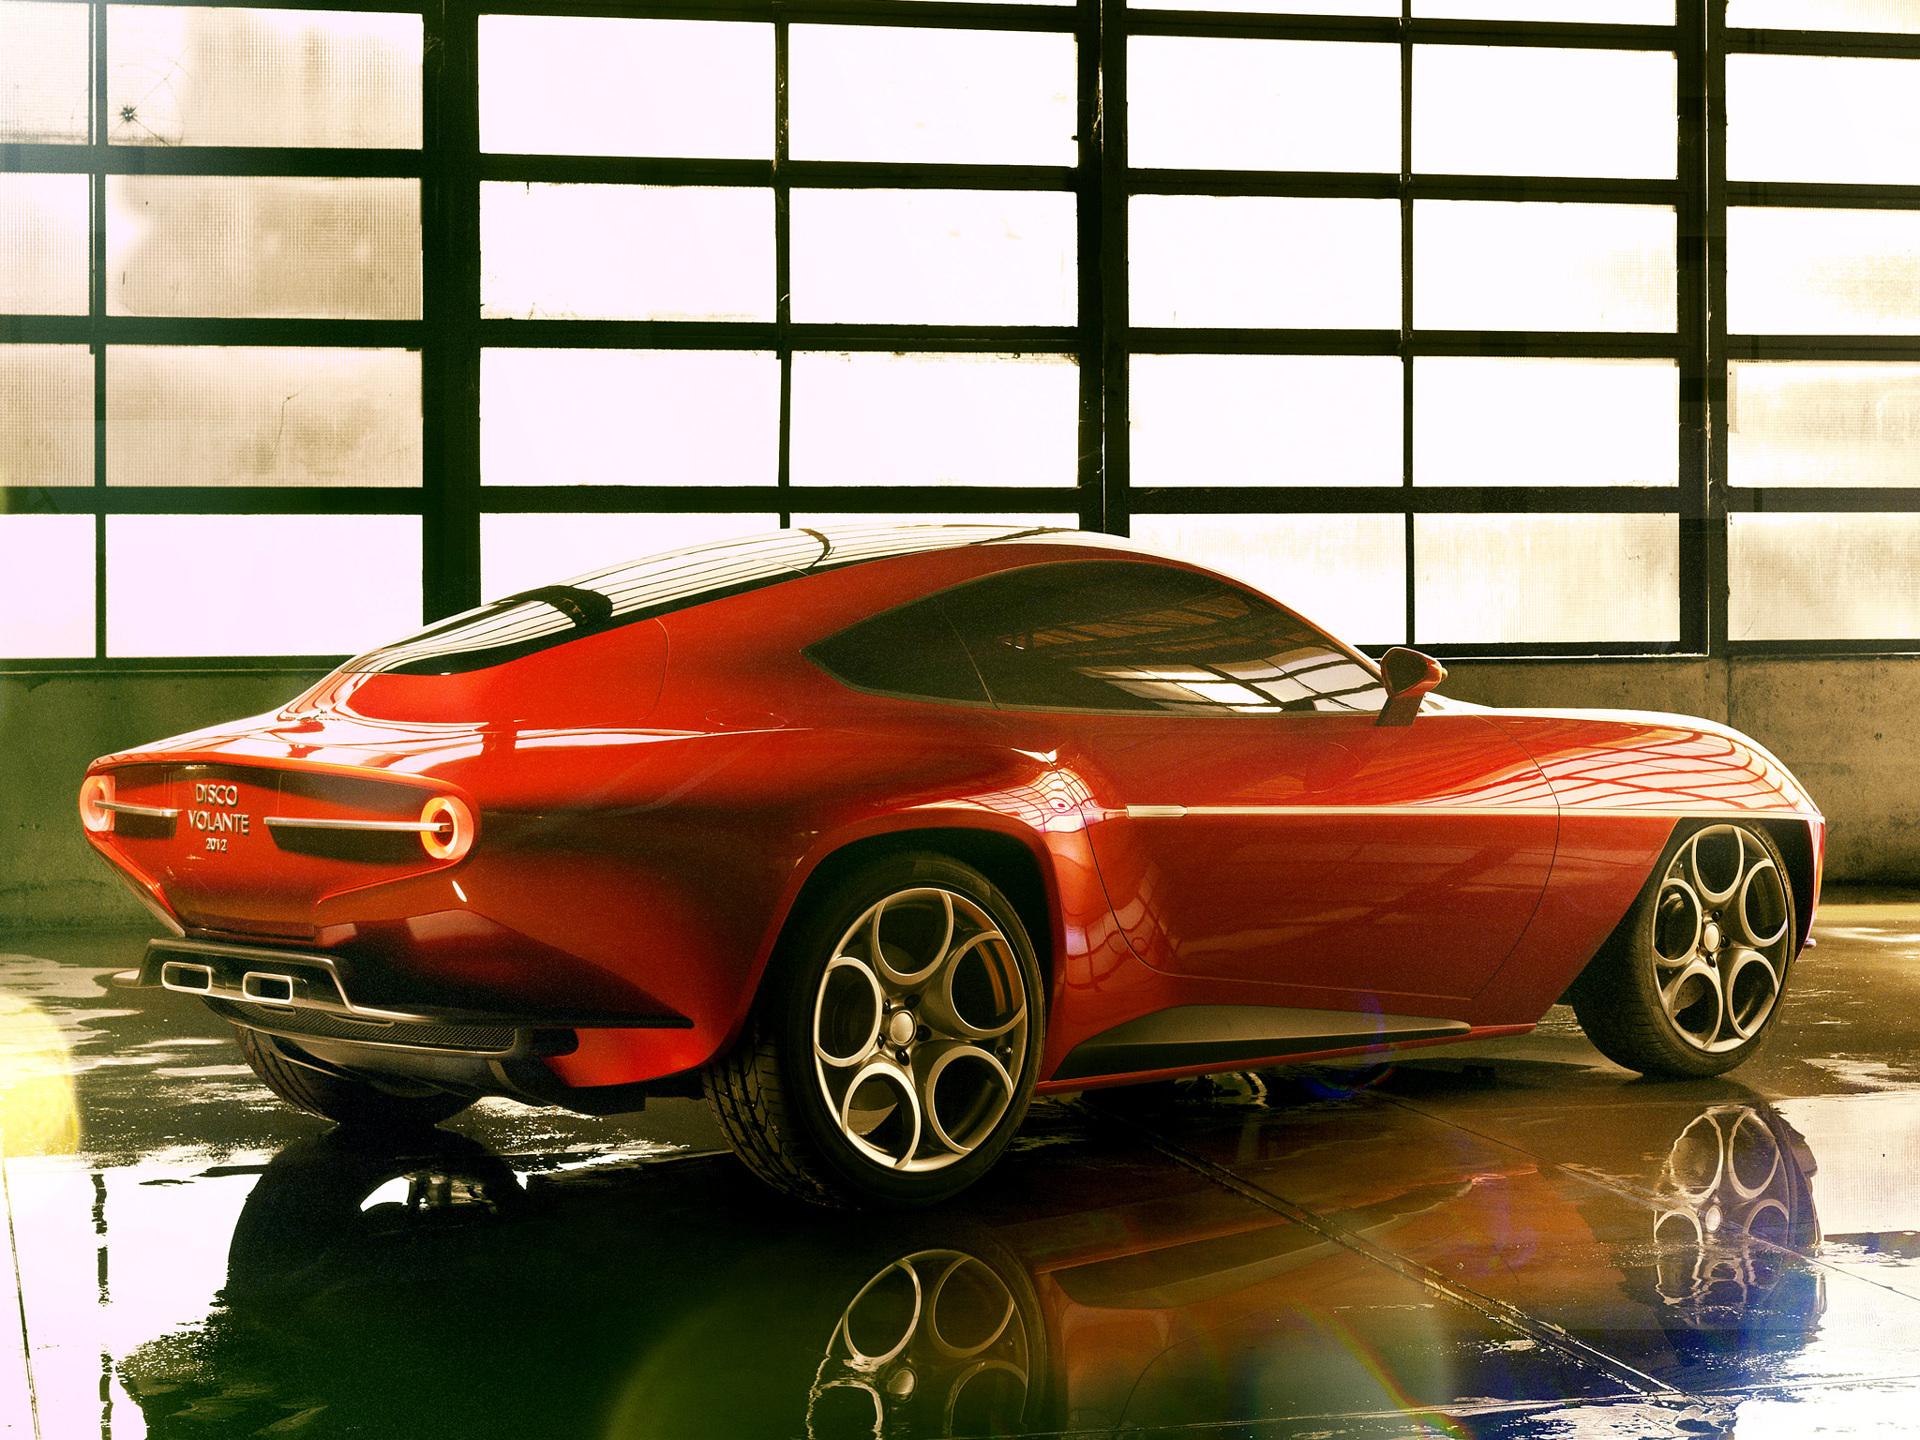 2012-alfa-romeo-disco-volante-touring-concept-high